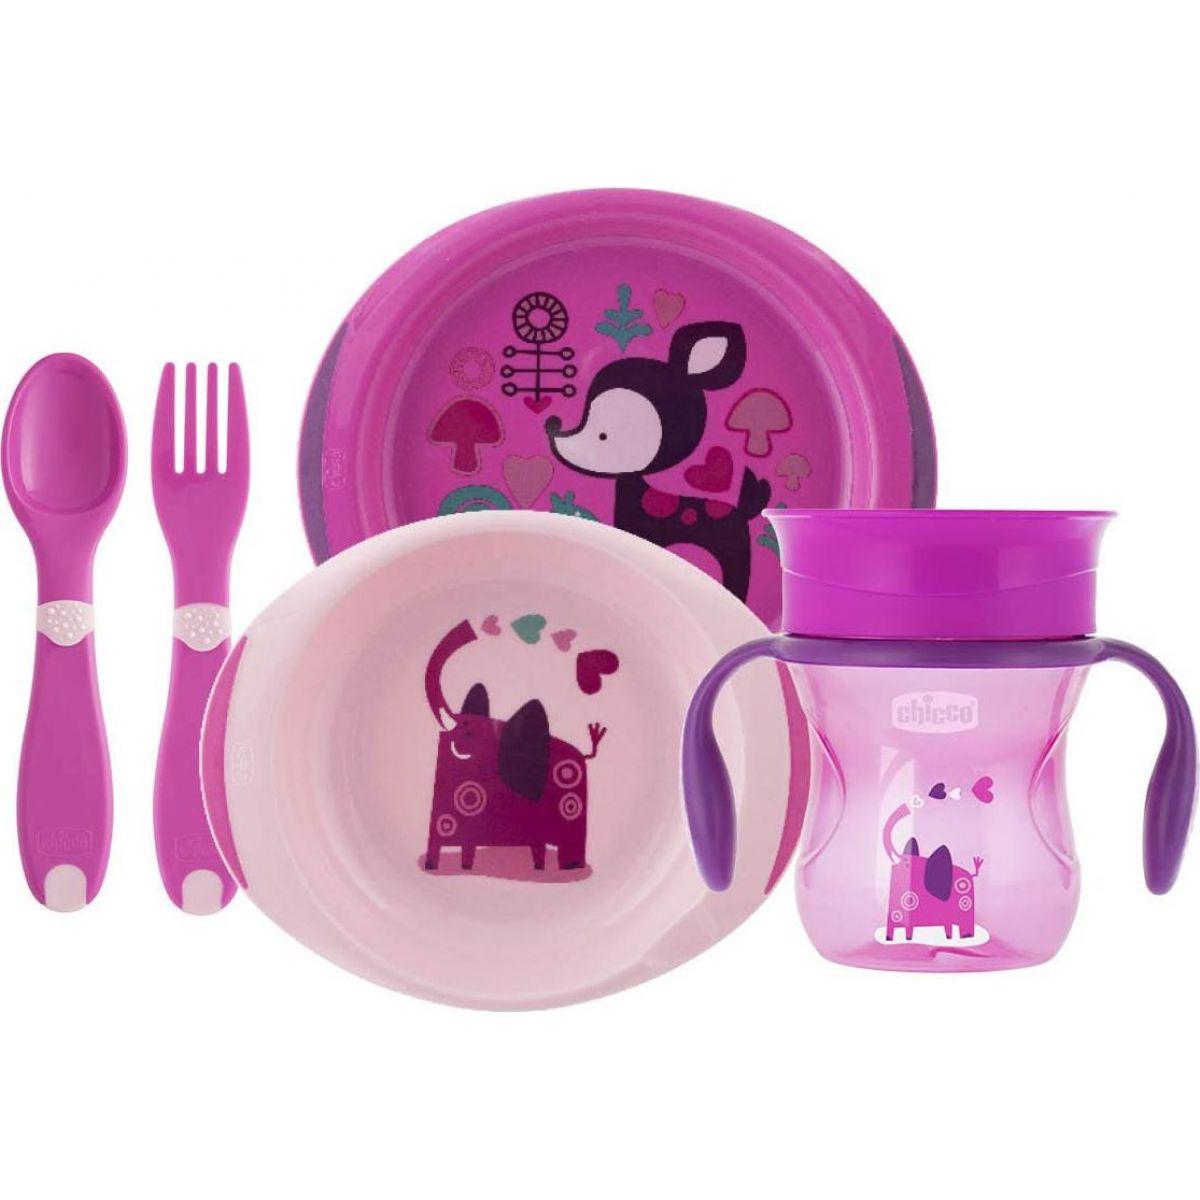 Chicco Jedálenský set tanier, príbor a hrnček ružový